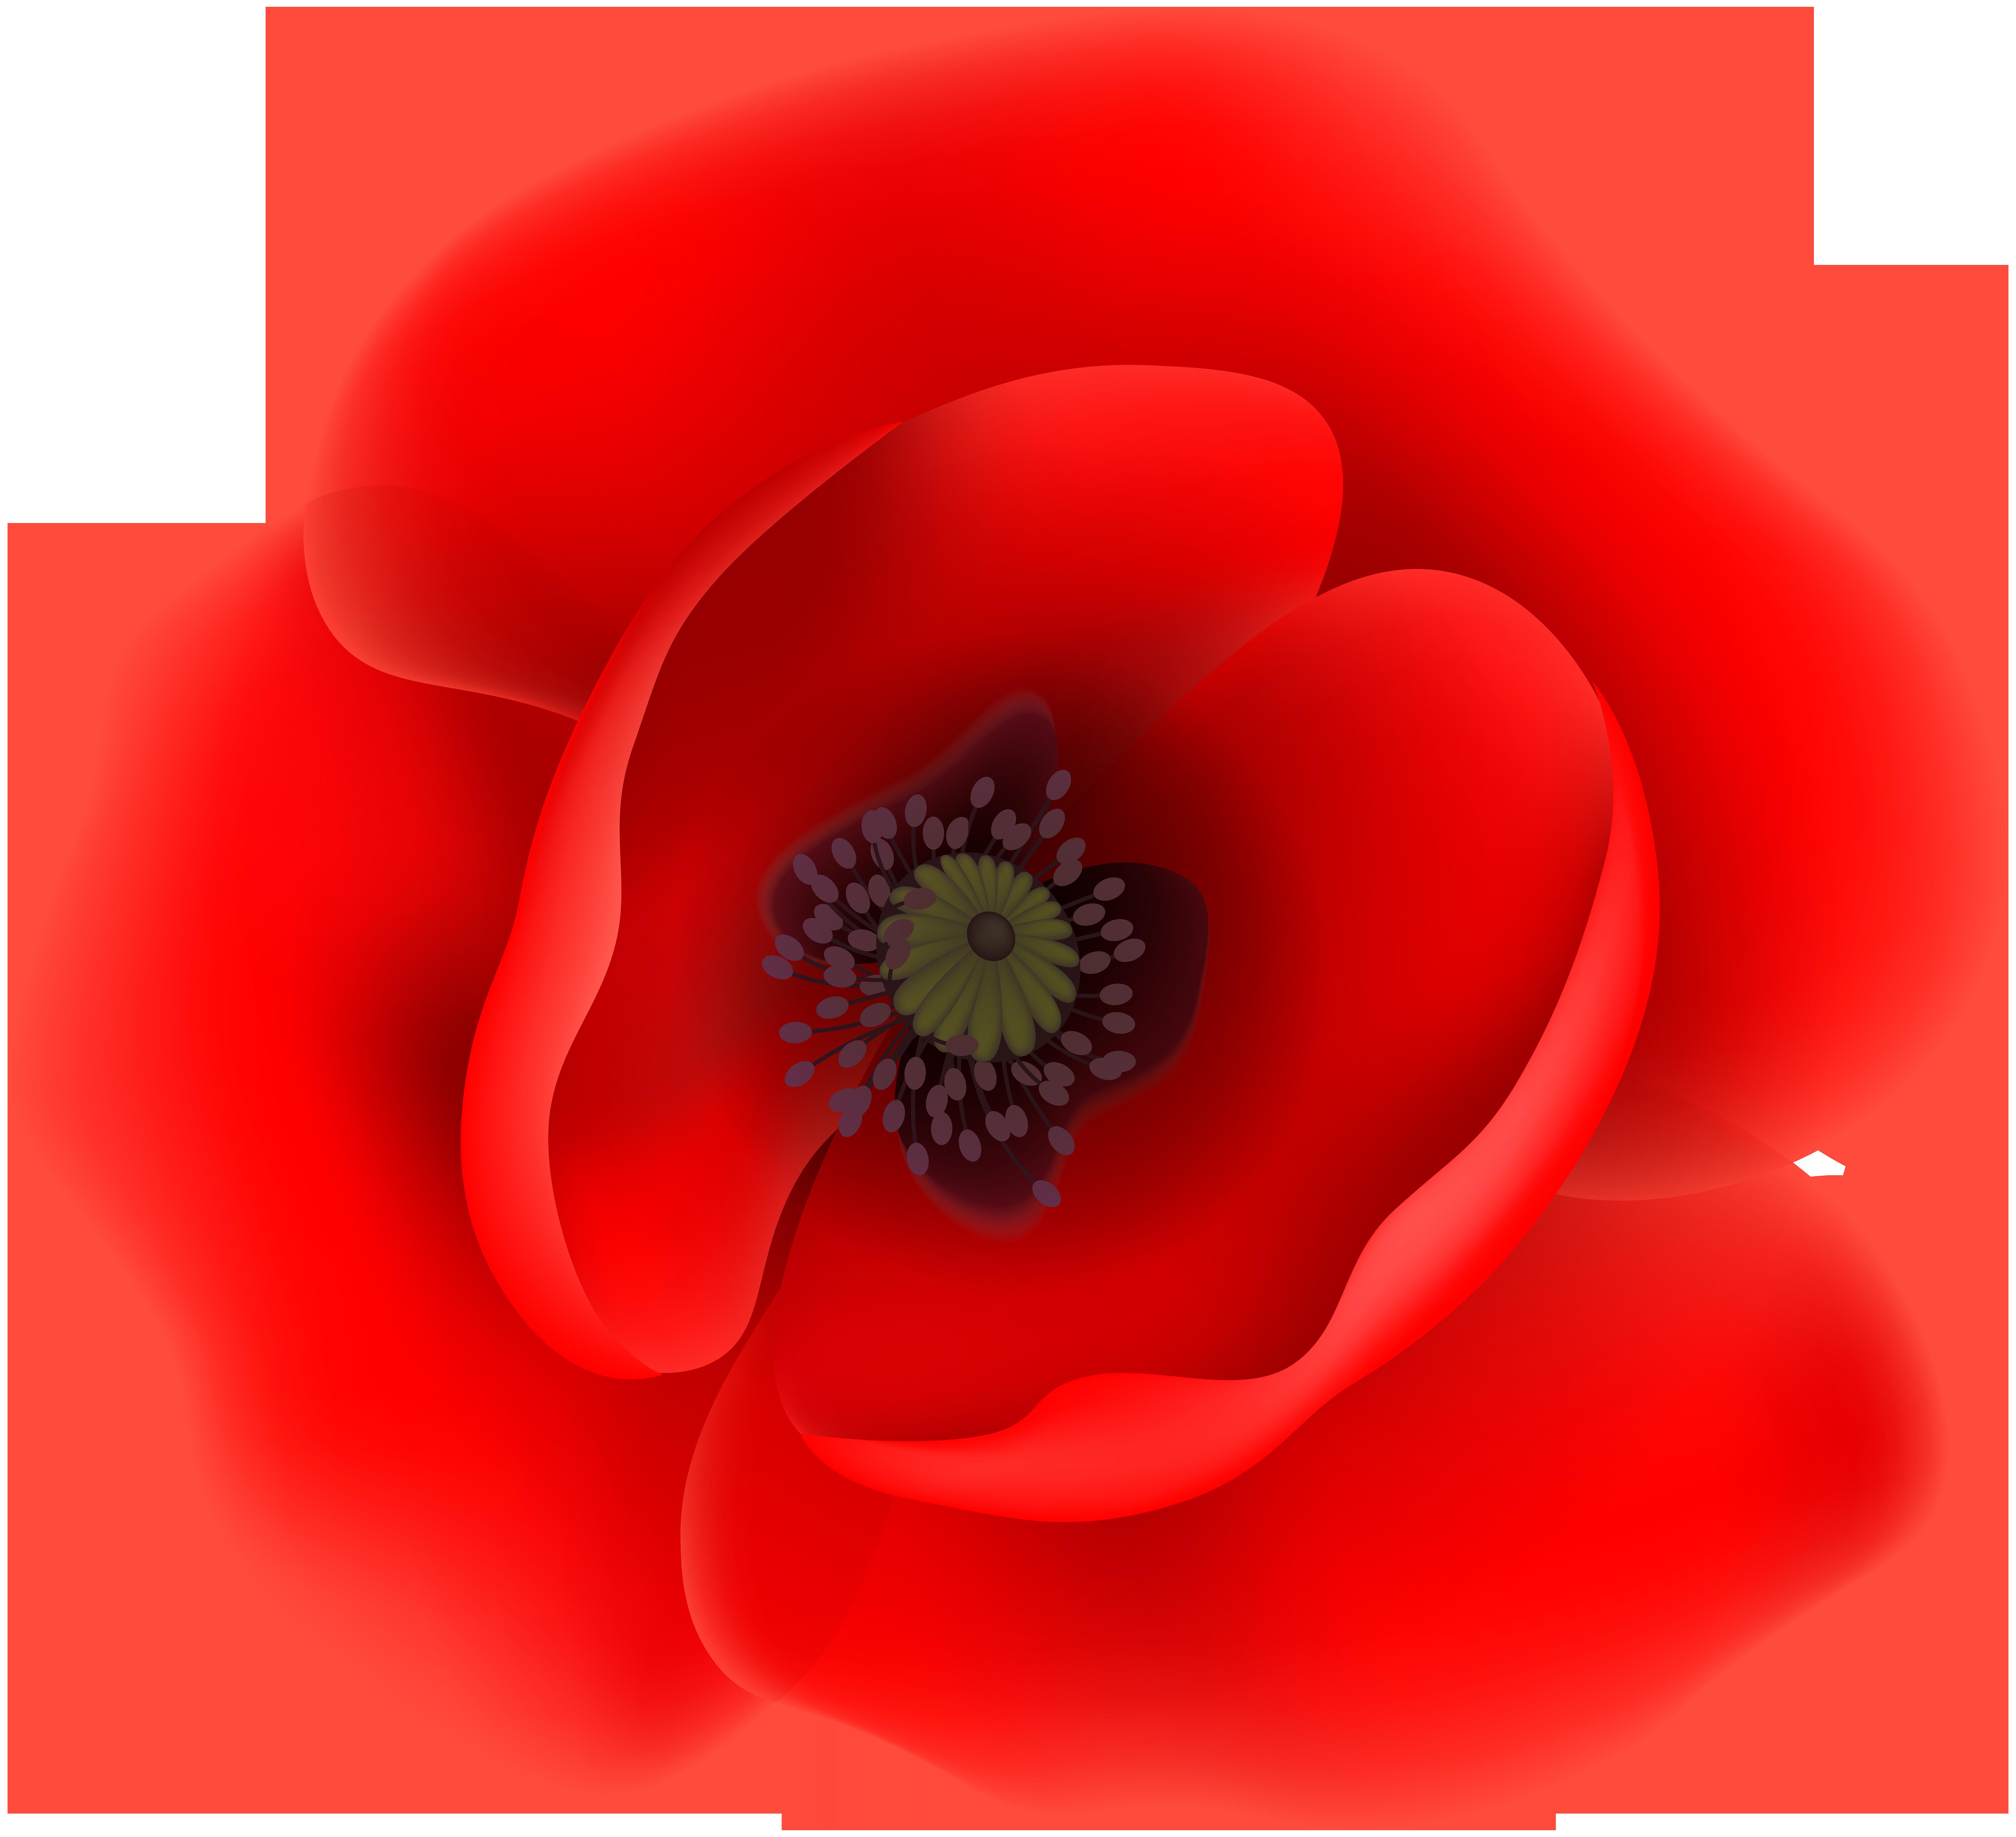 Poppy flower clipart vector transparent stock Poppy Flower Clip Art Transparent Image   Gallery Yopriceville ... vector transparent stock